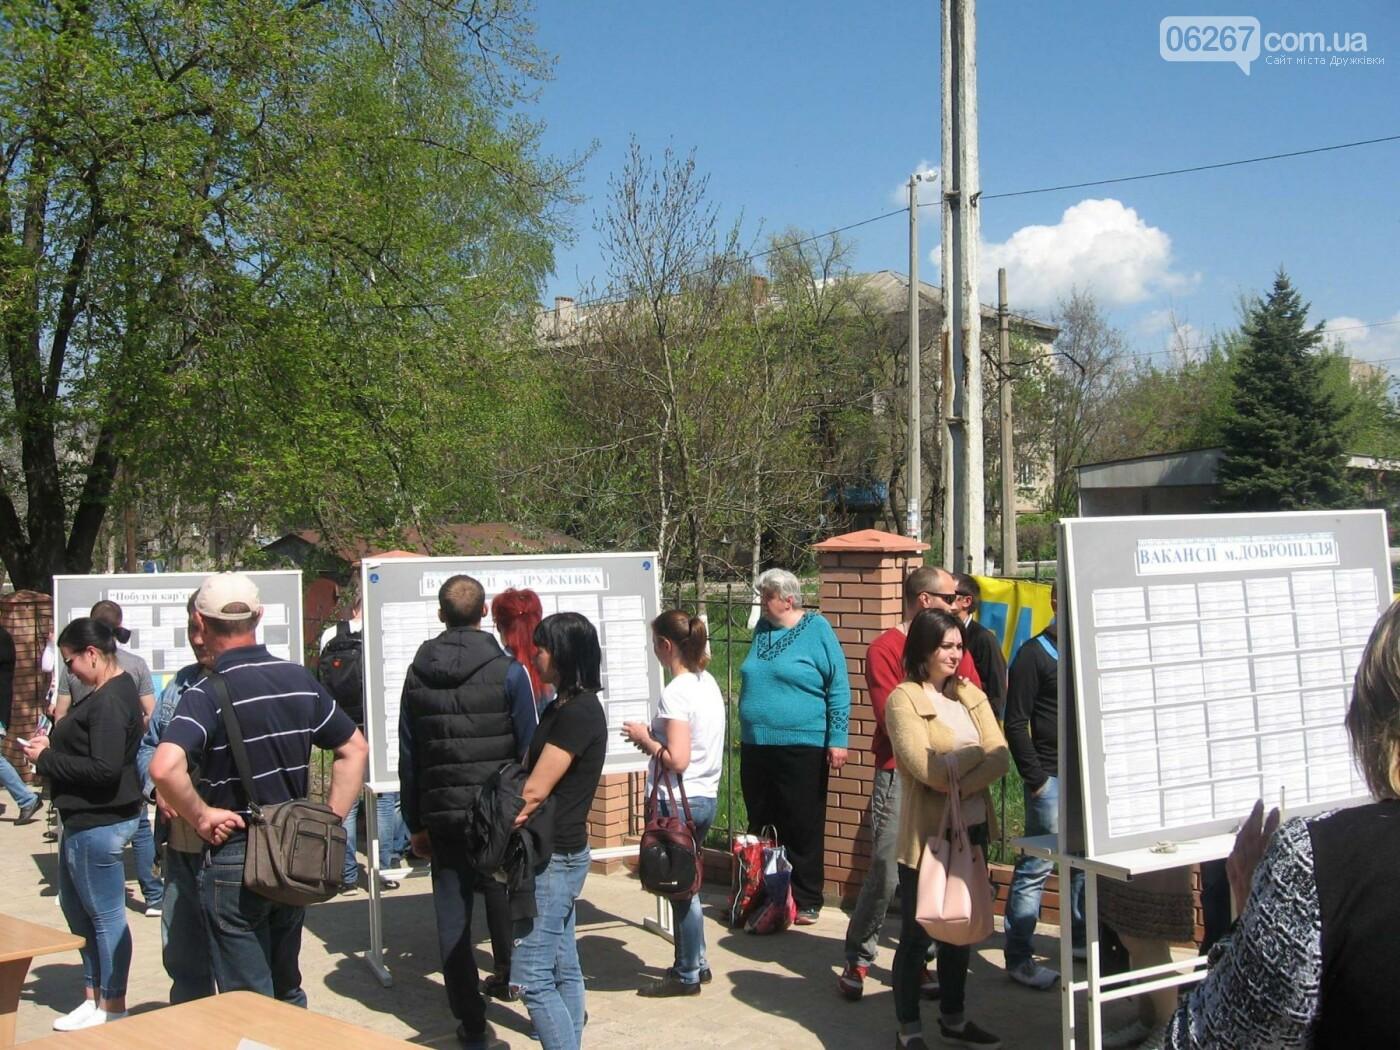 Дружковка: Областная ярмарка вакансий прошла под открытым небом (ФОТО)       , фото-2